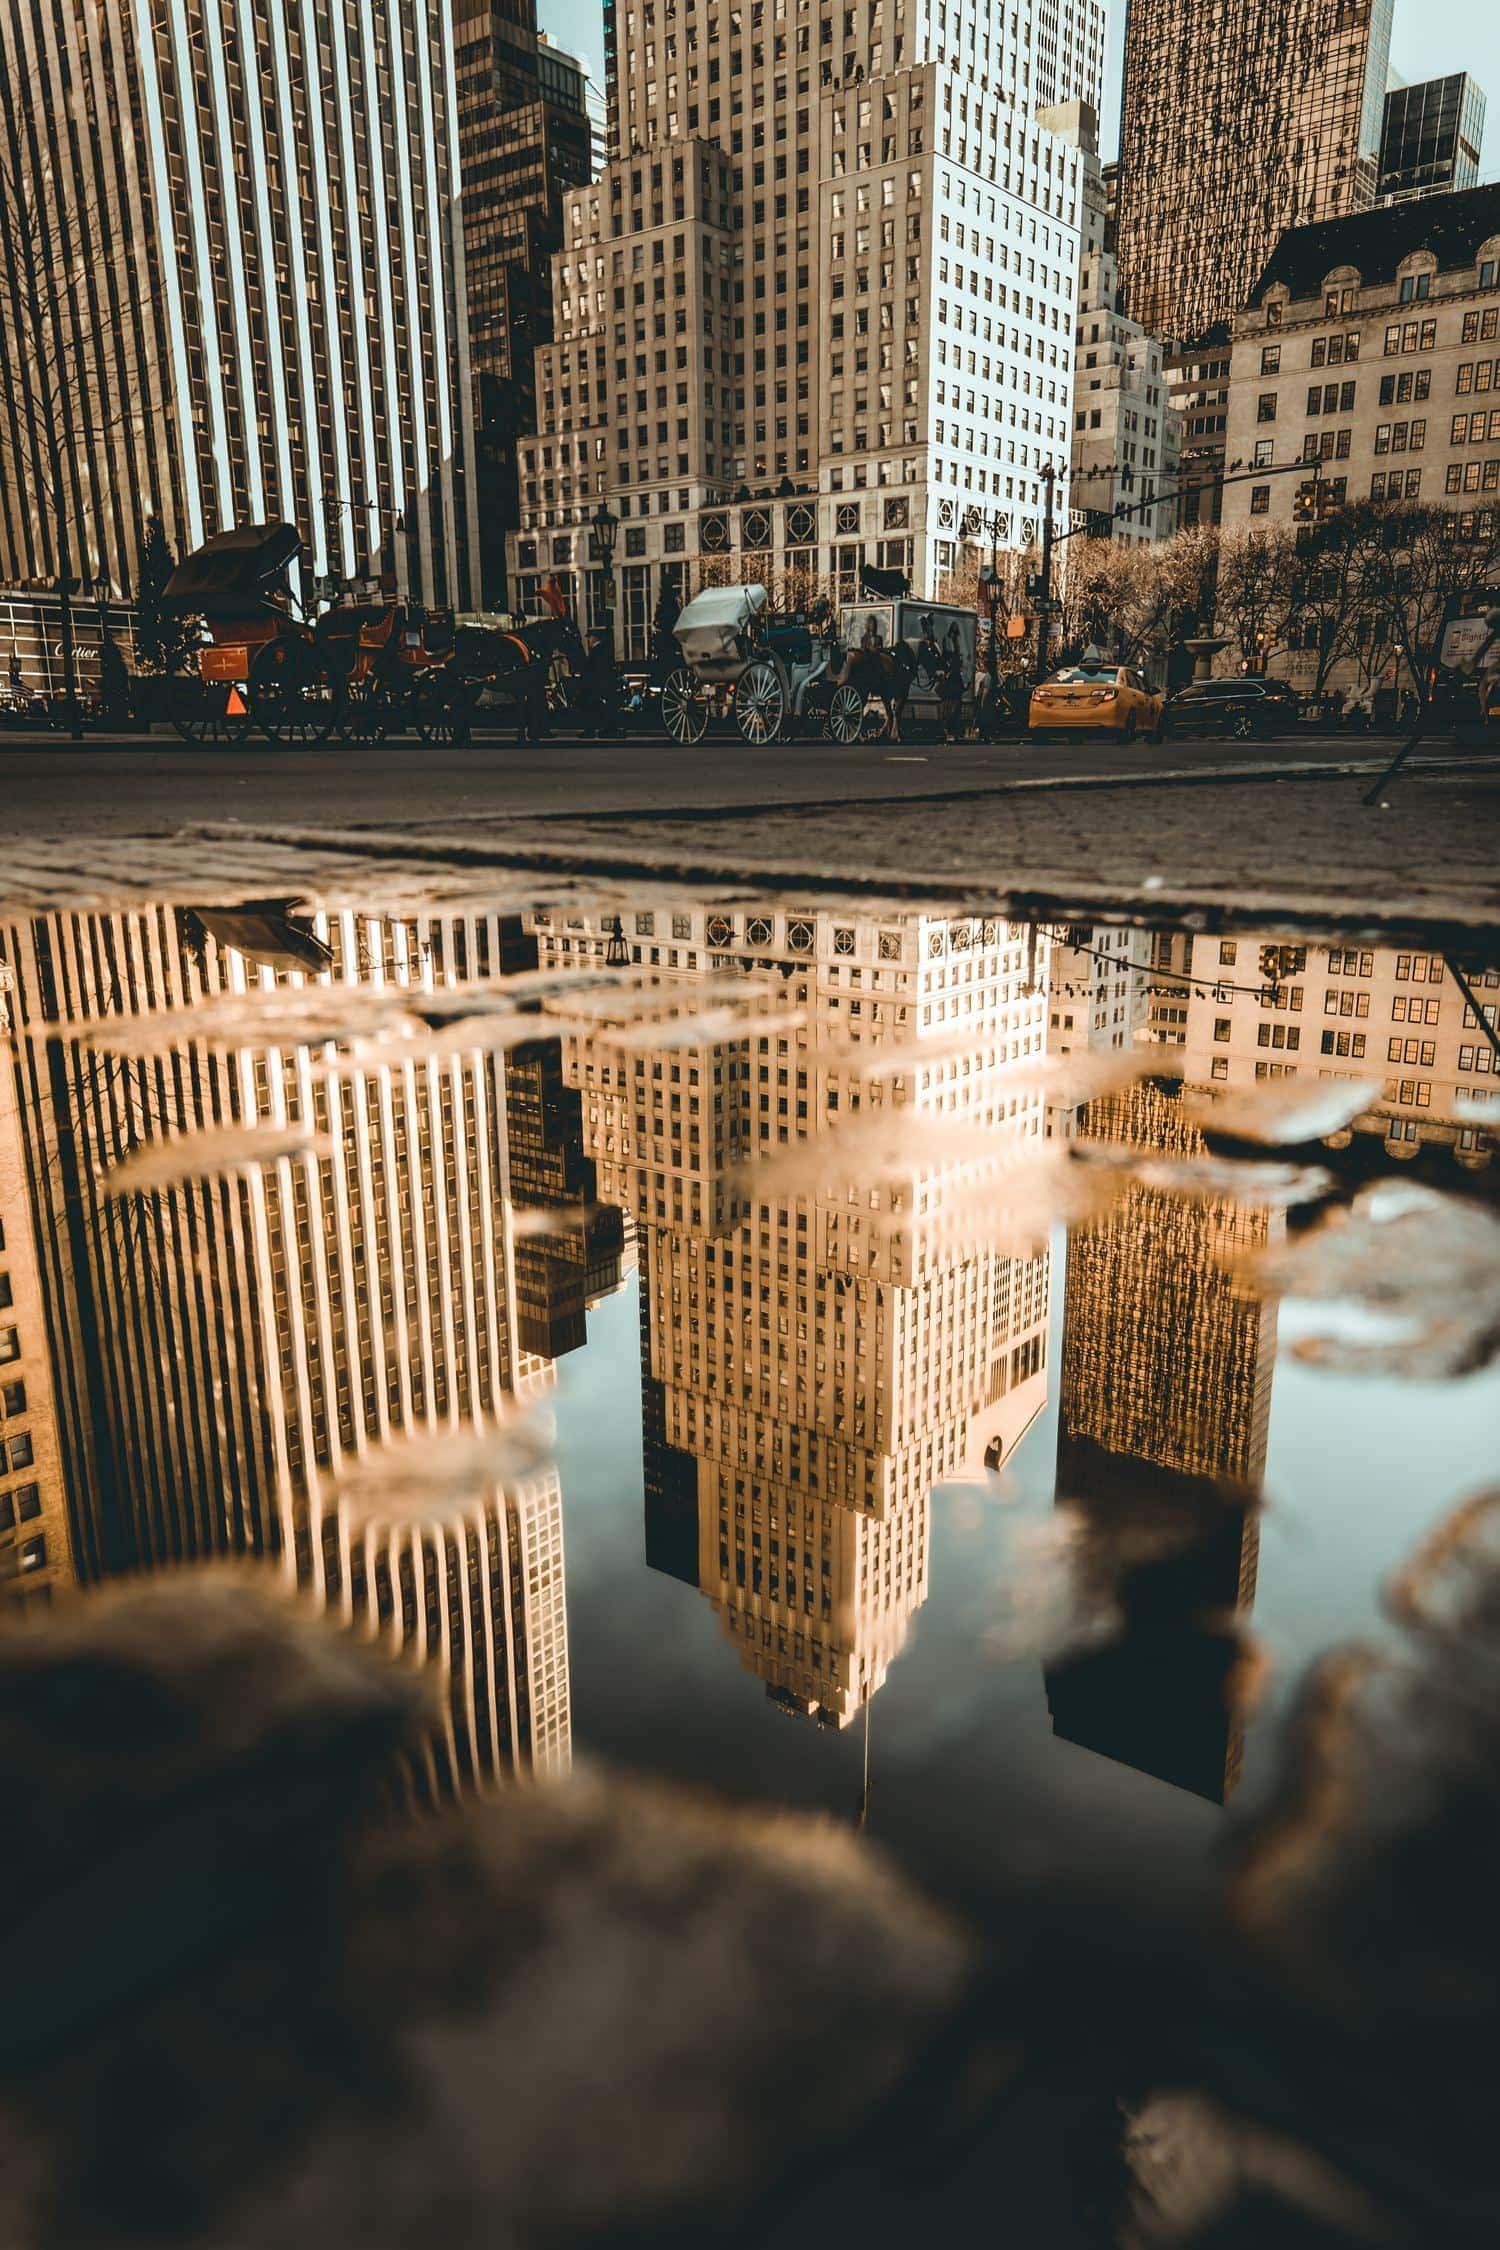 Reflejo edificios de un charco de agua